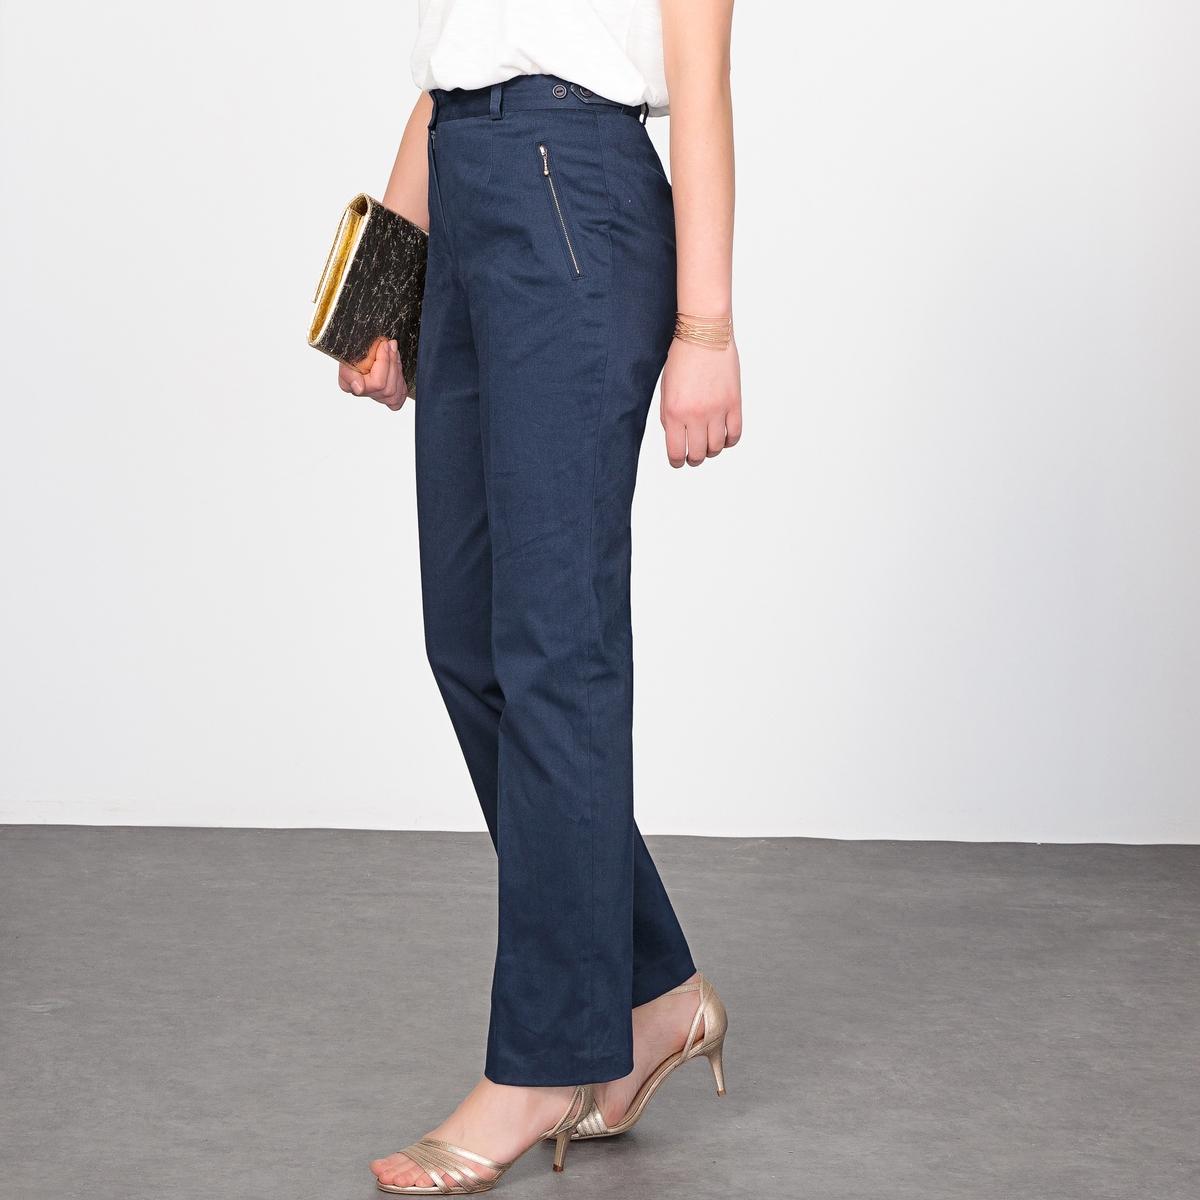 Imagen adicional de producto de Pantalón de satén de algodón stretch - Anne weyburn